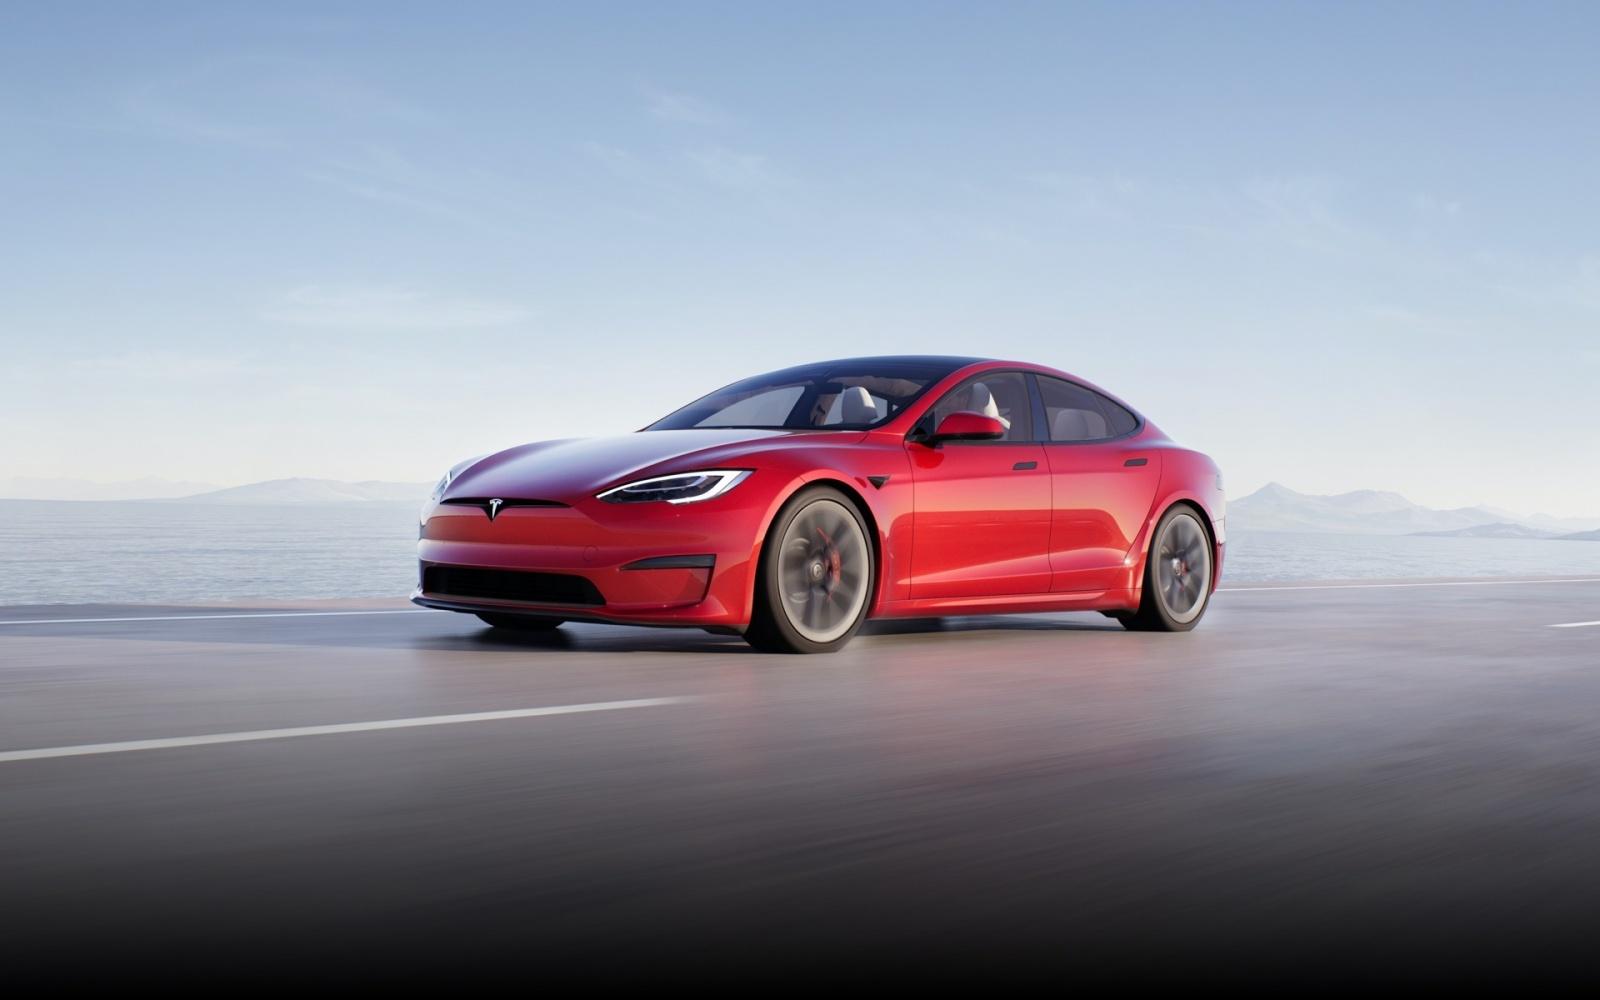 A Tesla lançou novos Model S, anunciado como o carro de produção em série mais rápido de sempre